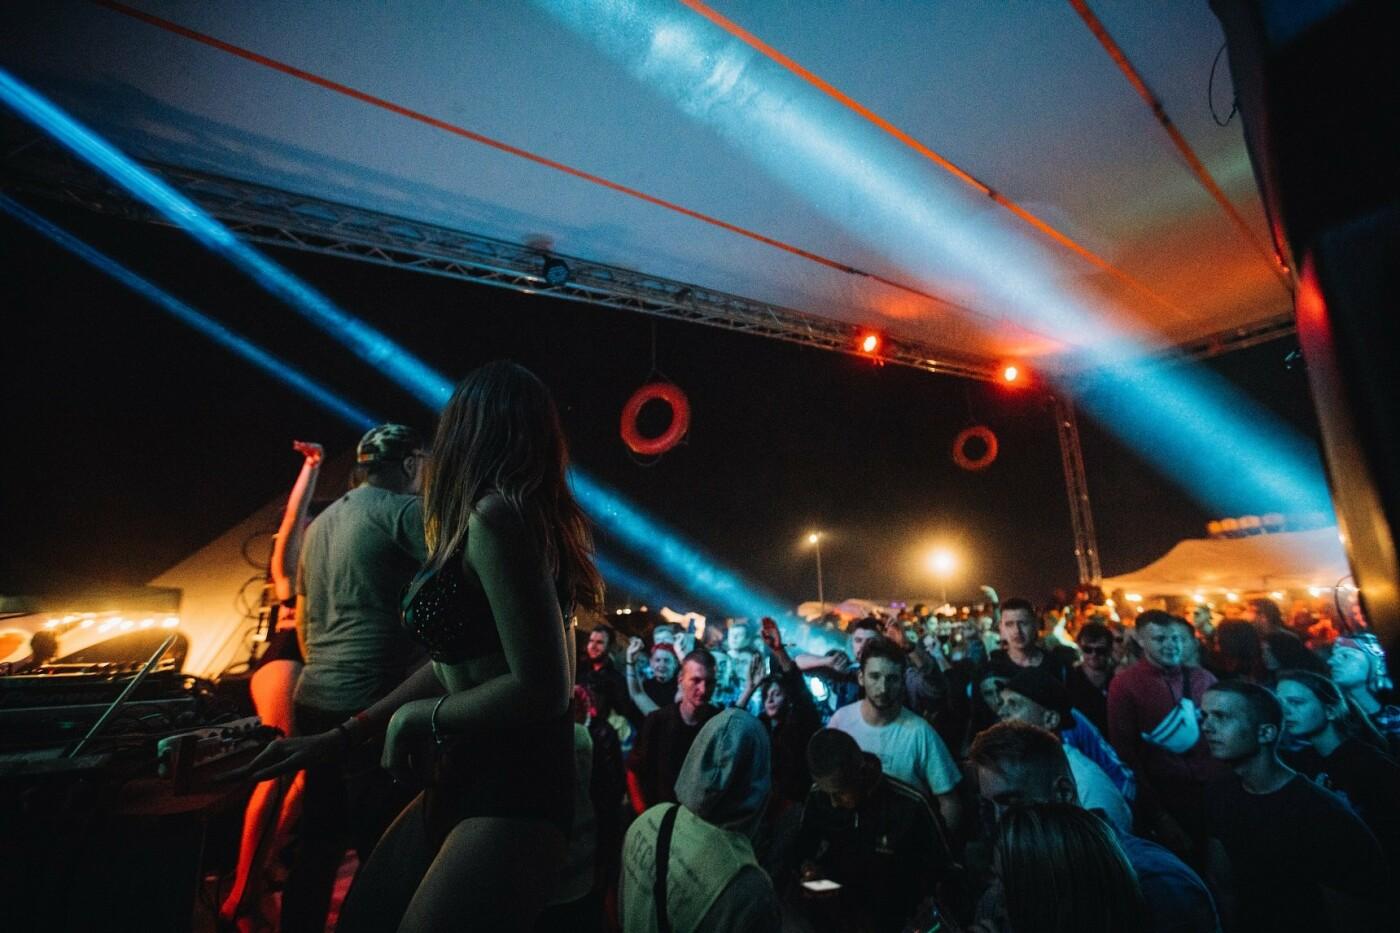 Пропозиція руки та серця, танці до світанку: нічне життя Novellina Beach Stage (фоторепортаж), фото-14